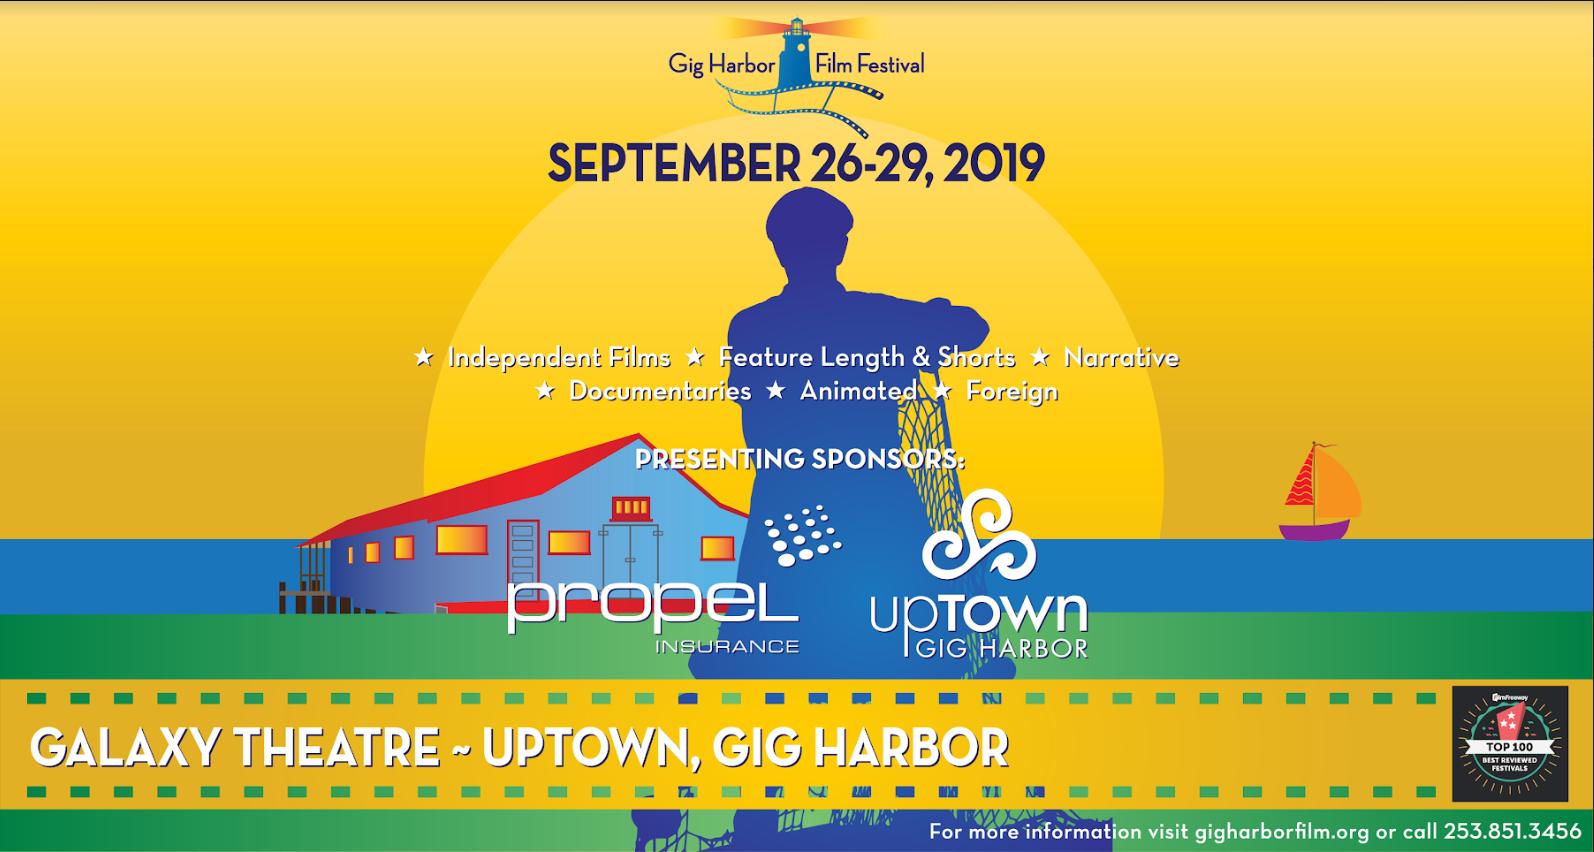 2019 Gig Harbor Film Festival